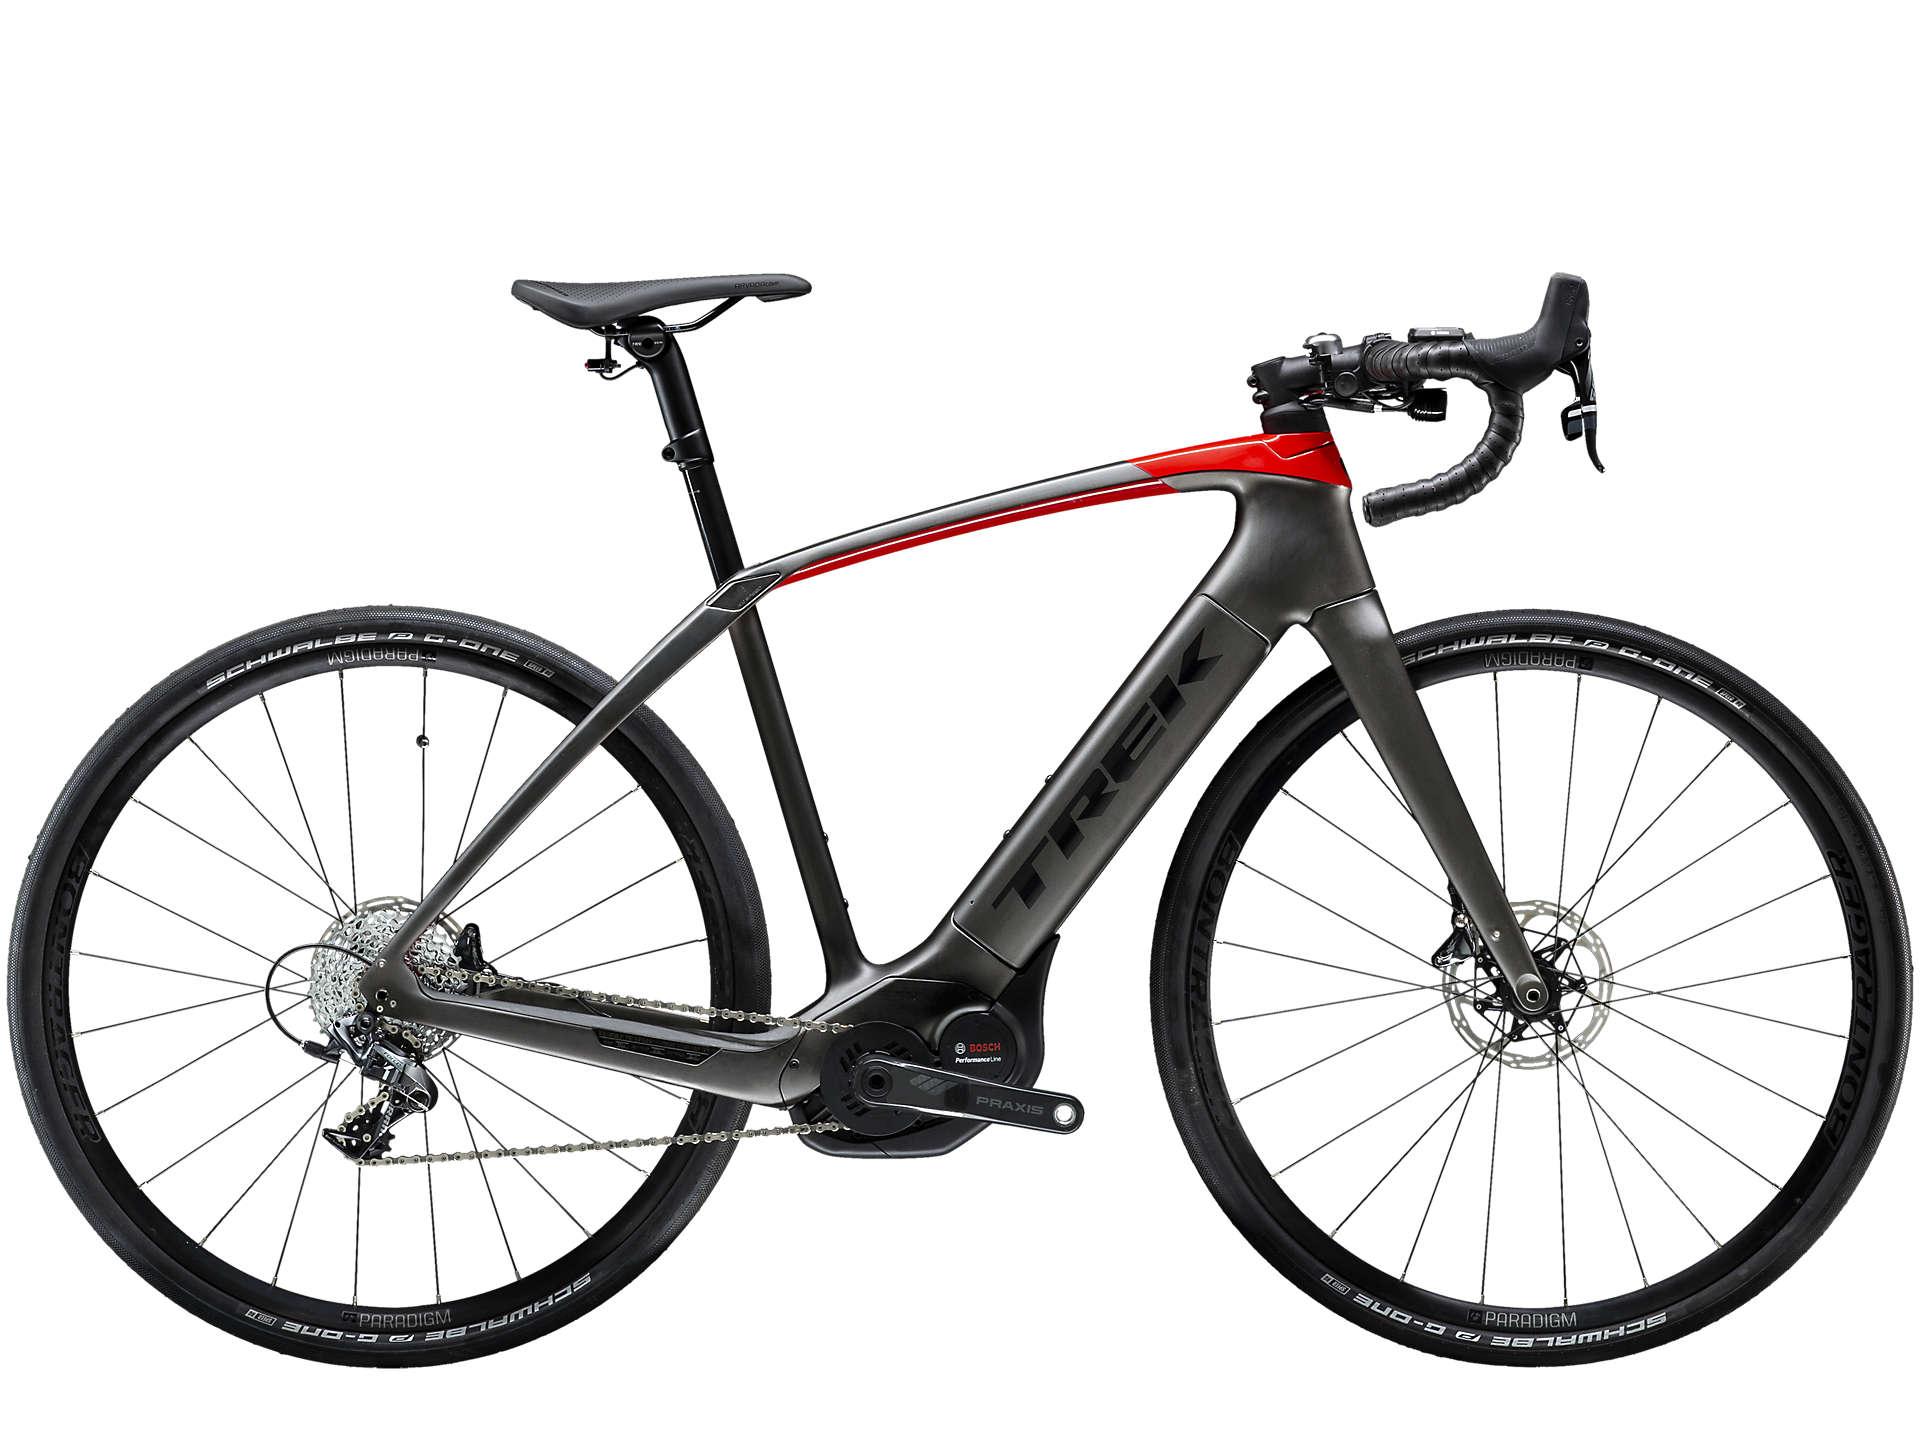 Domane+ : c'est bien, c'est beau, c'est Bosch, pour ce vélo de course électrique dédié aux cyclistes confirmés